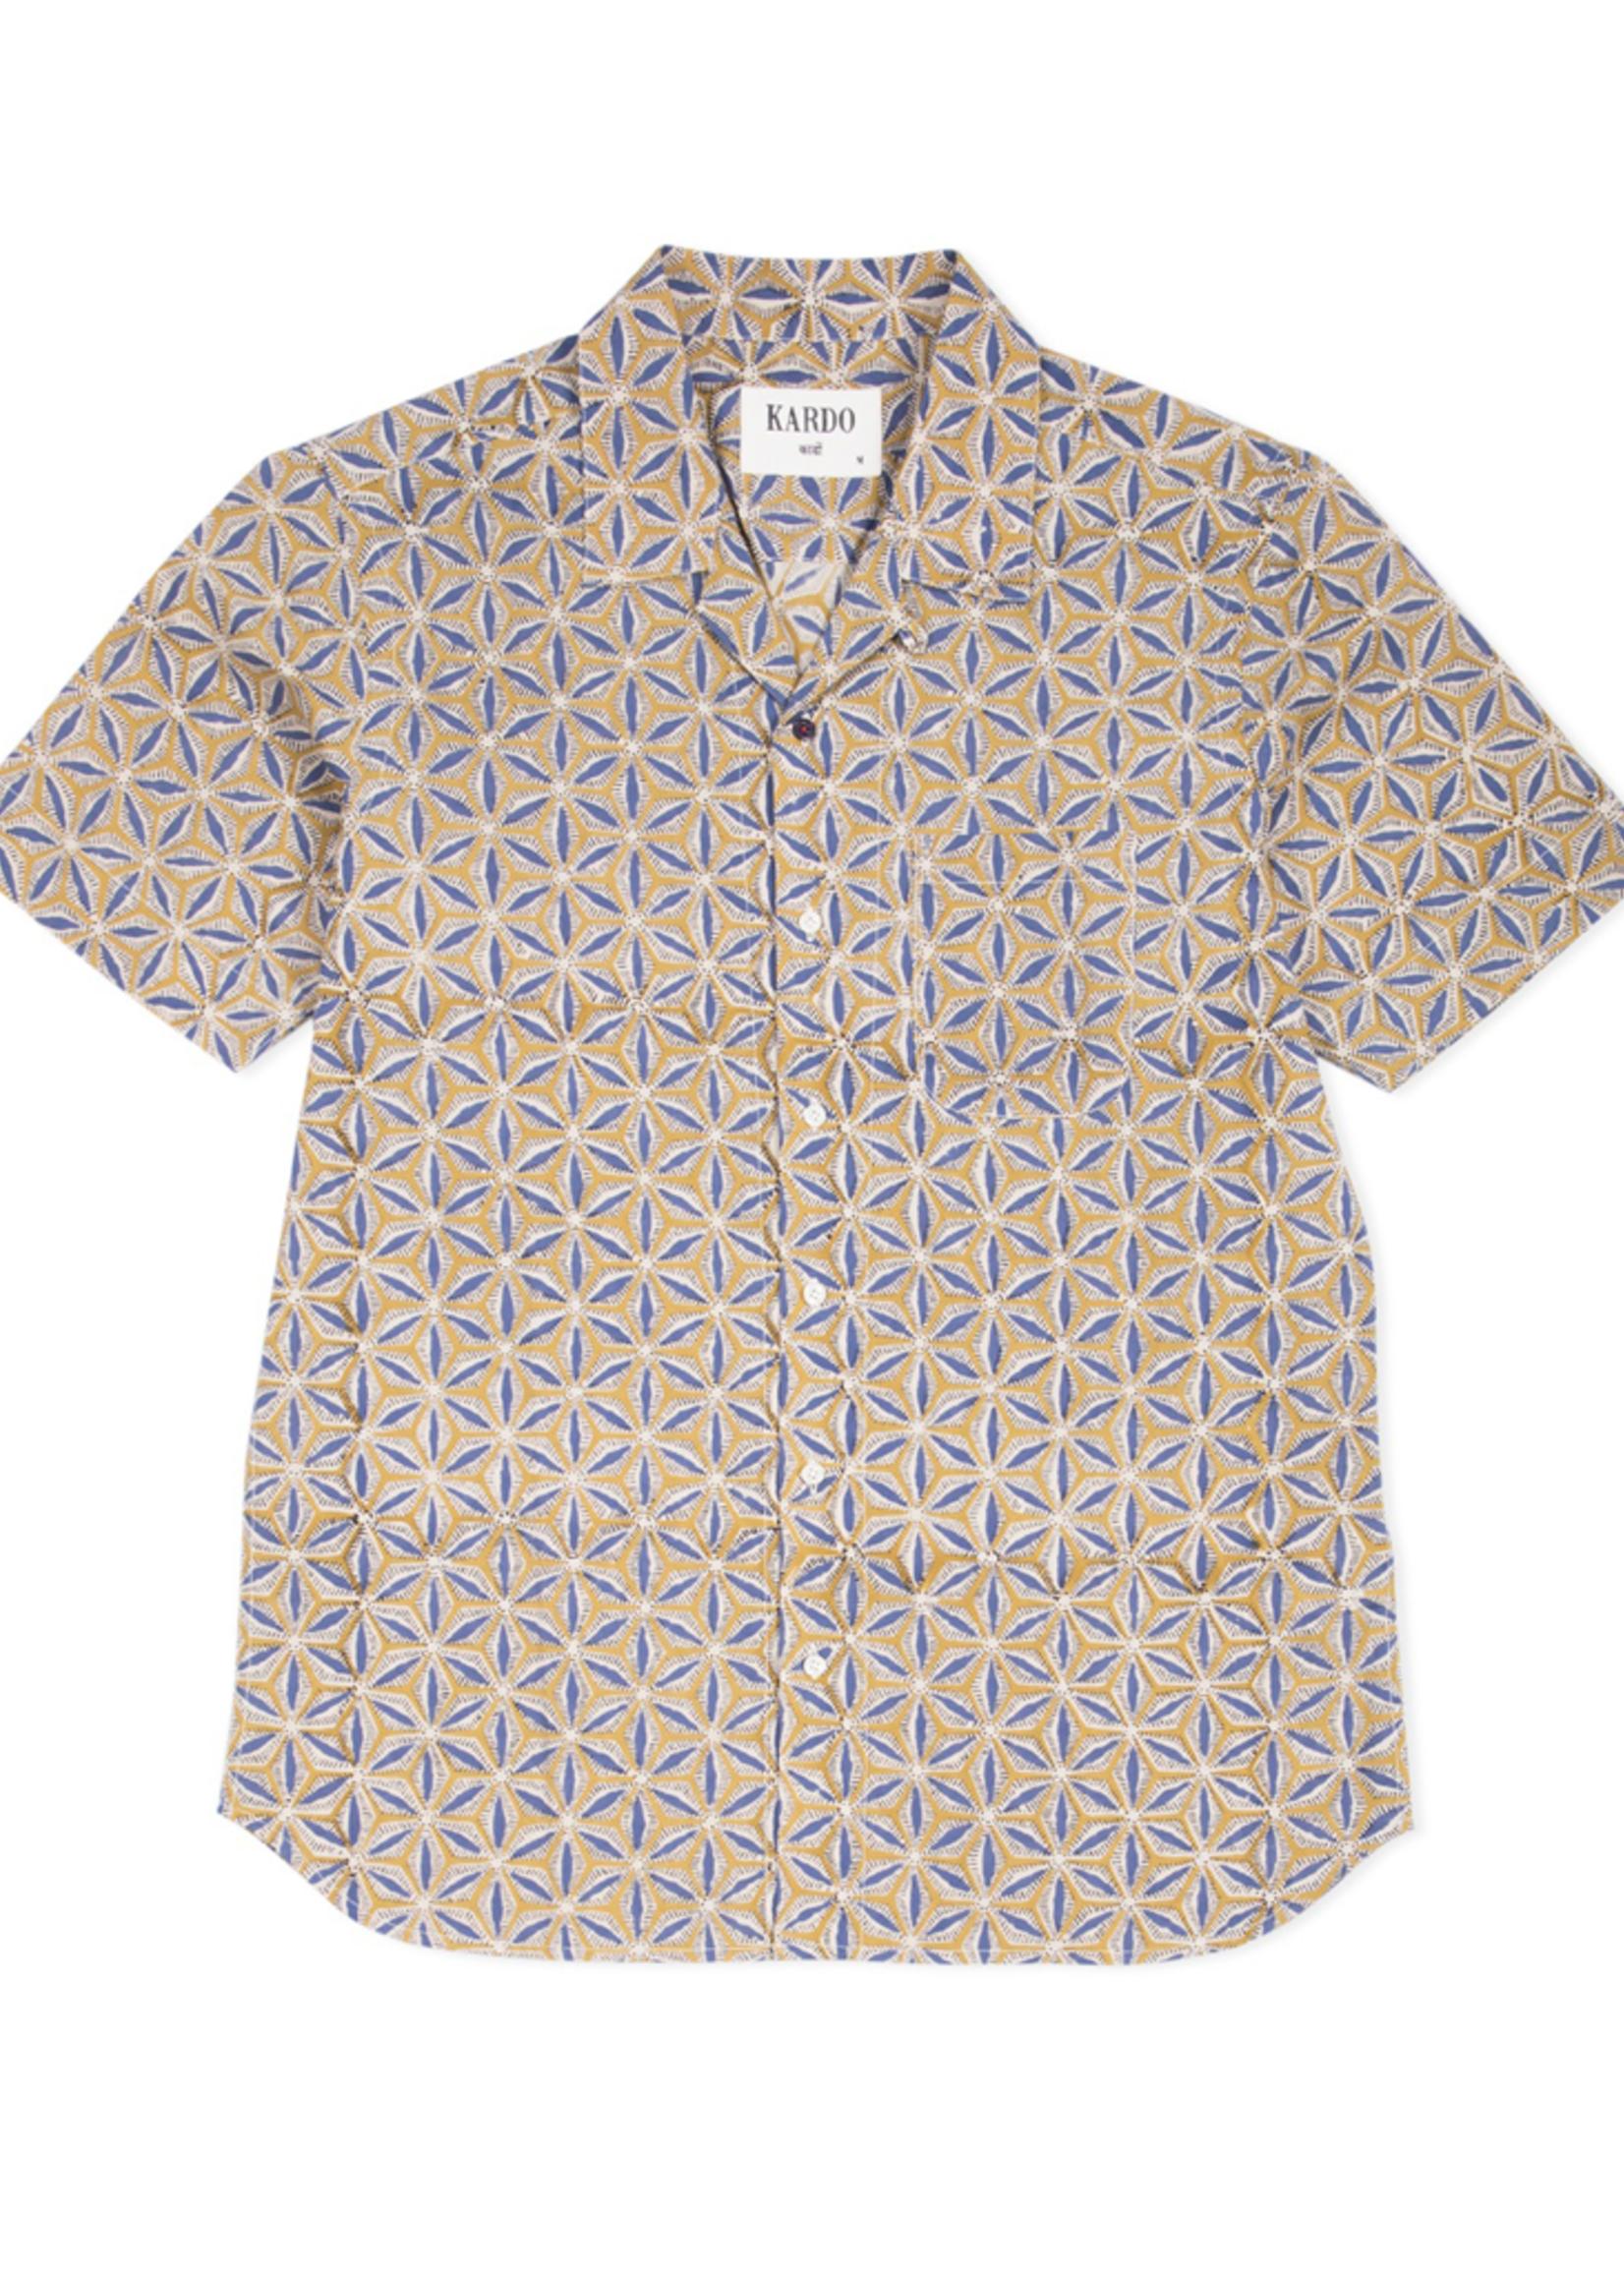 Kardo Lamar Camp Collar Short Sleeve Shirt by Kardo